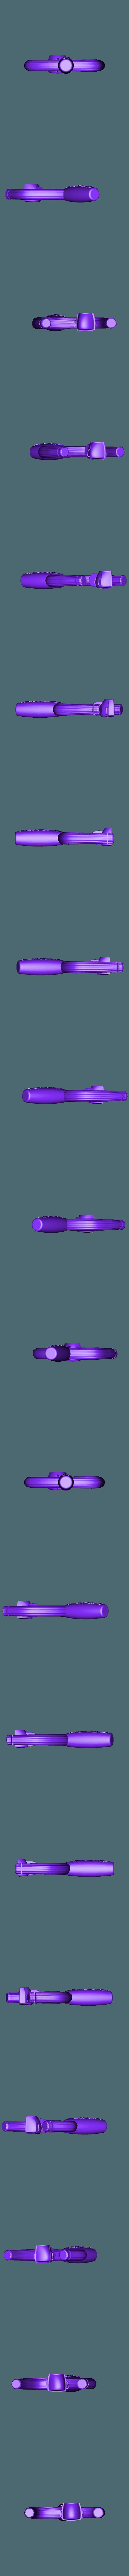 lance pierre.stl Download free STL file Angry Girls Stone Lance • 3D printer design, Rabot